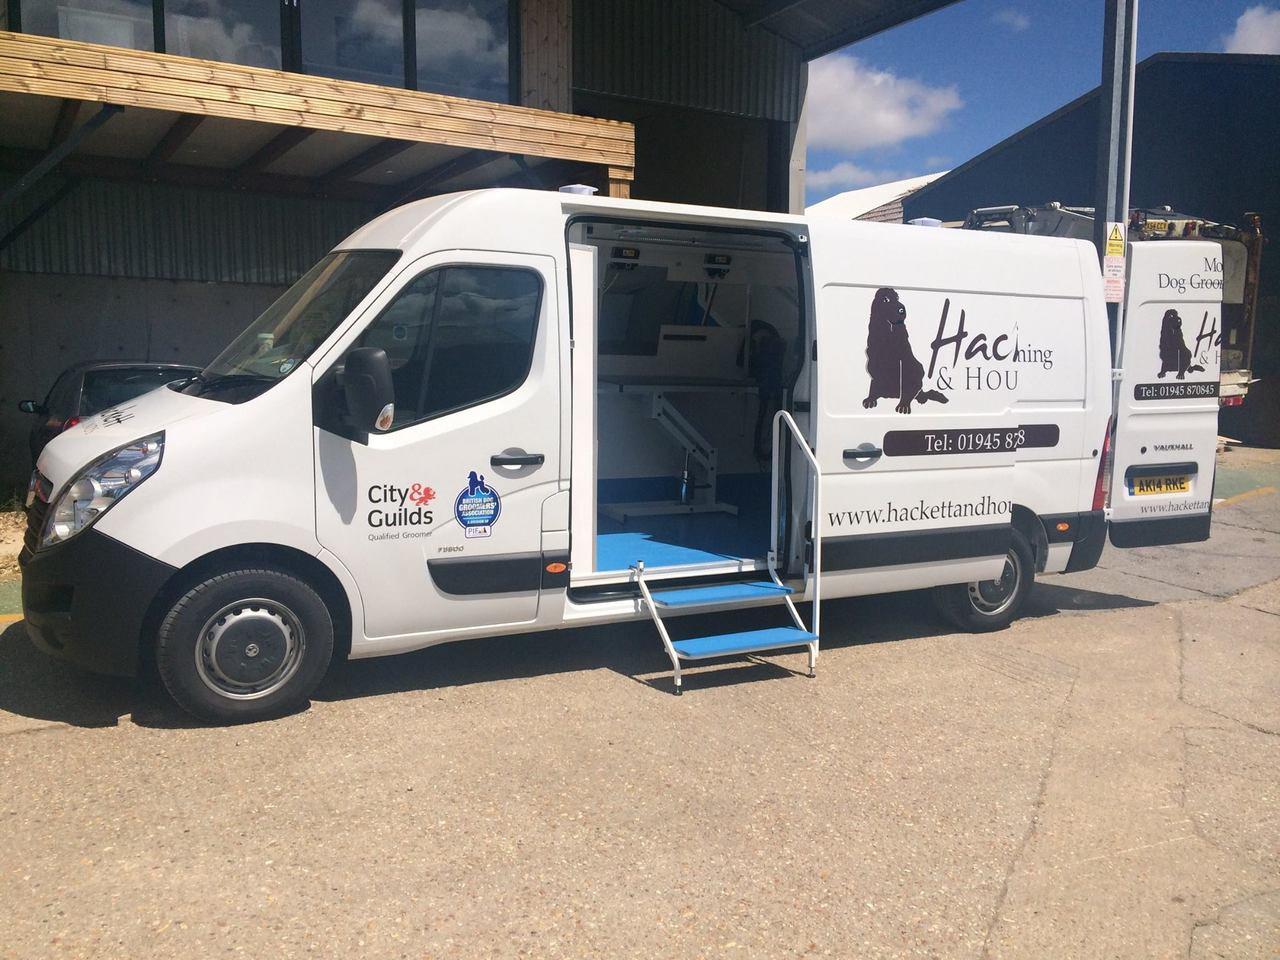 Hackett Hounds Mobile Grooming Van